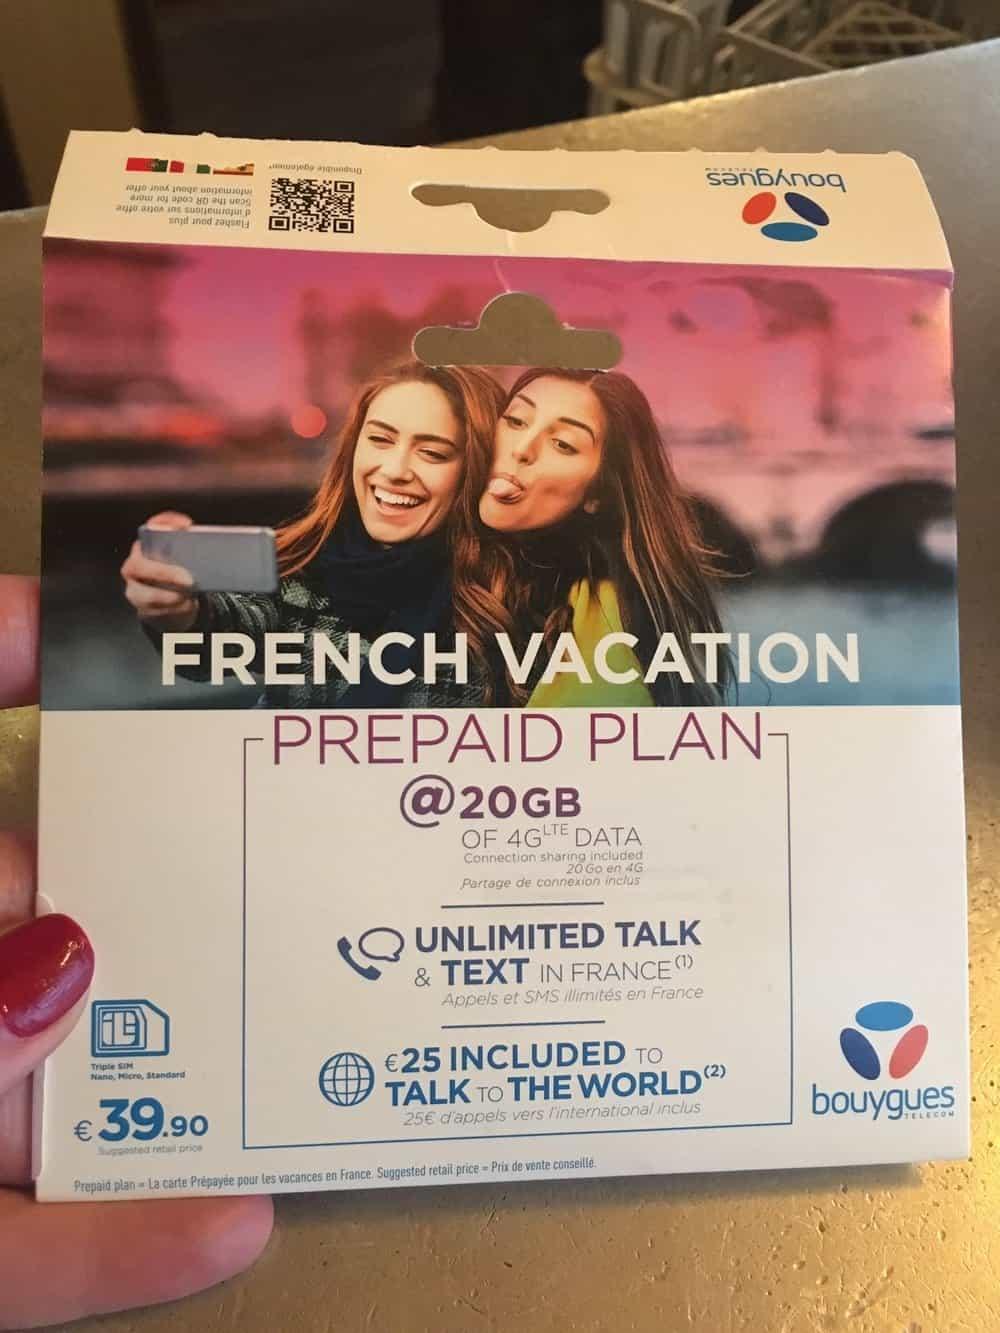 sim card in France 40 euros prepaid plan